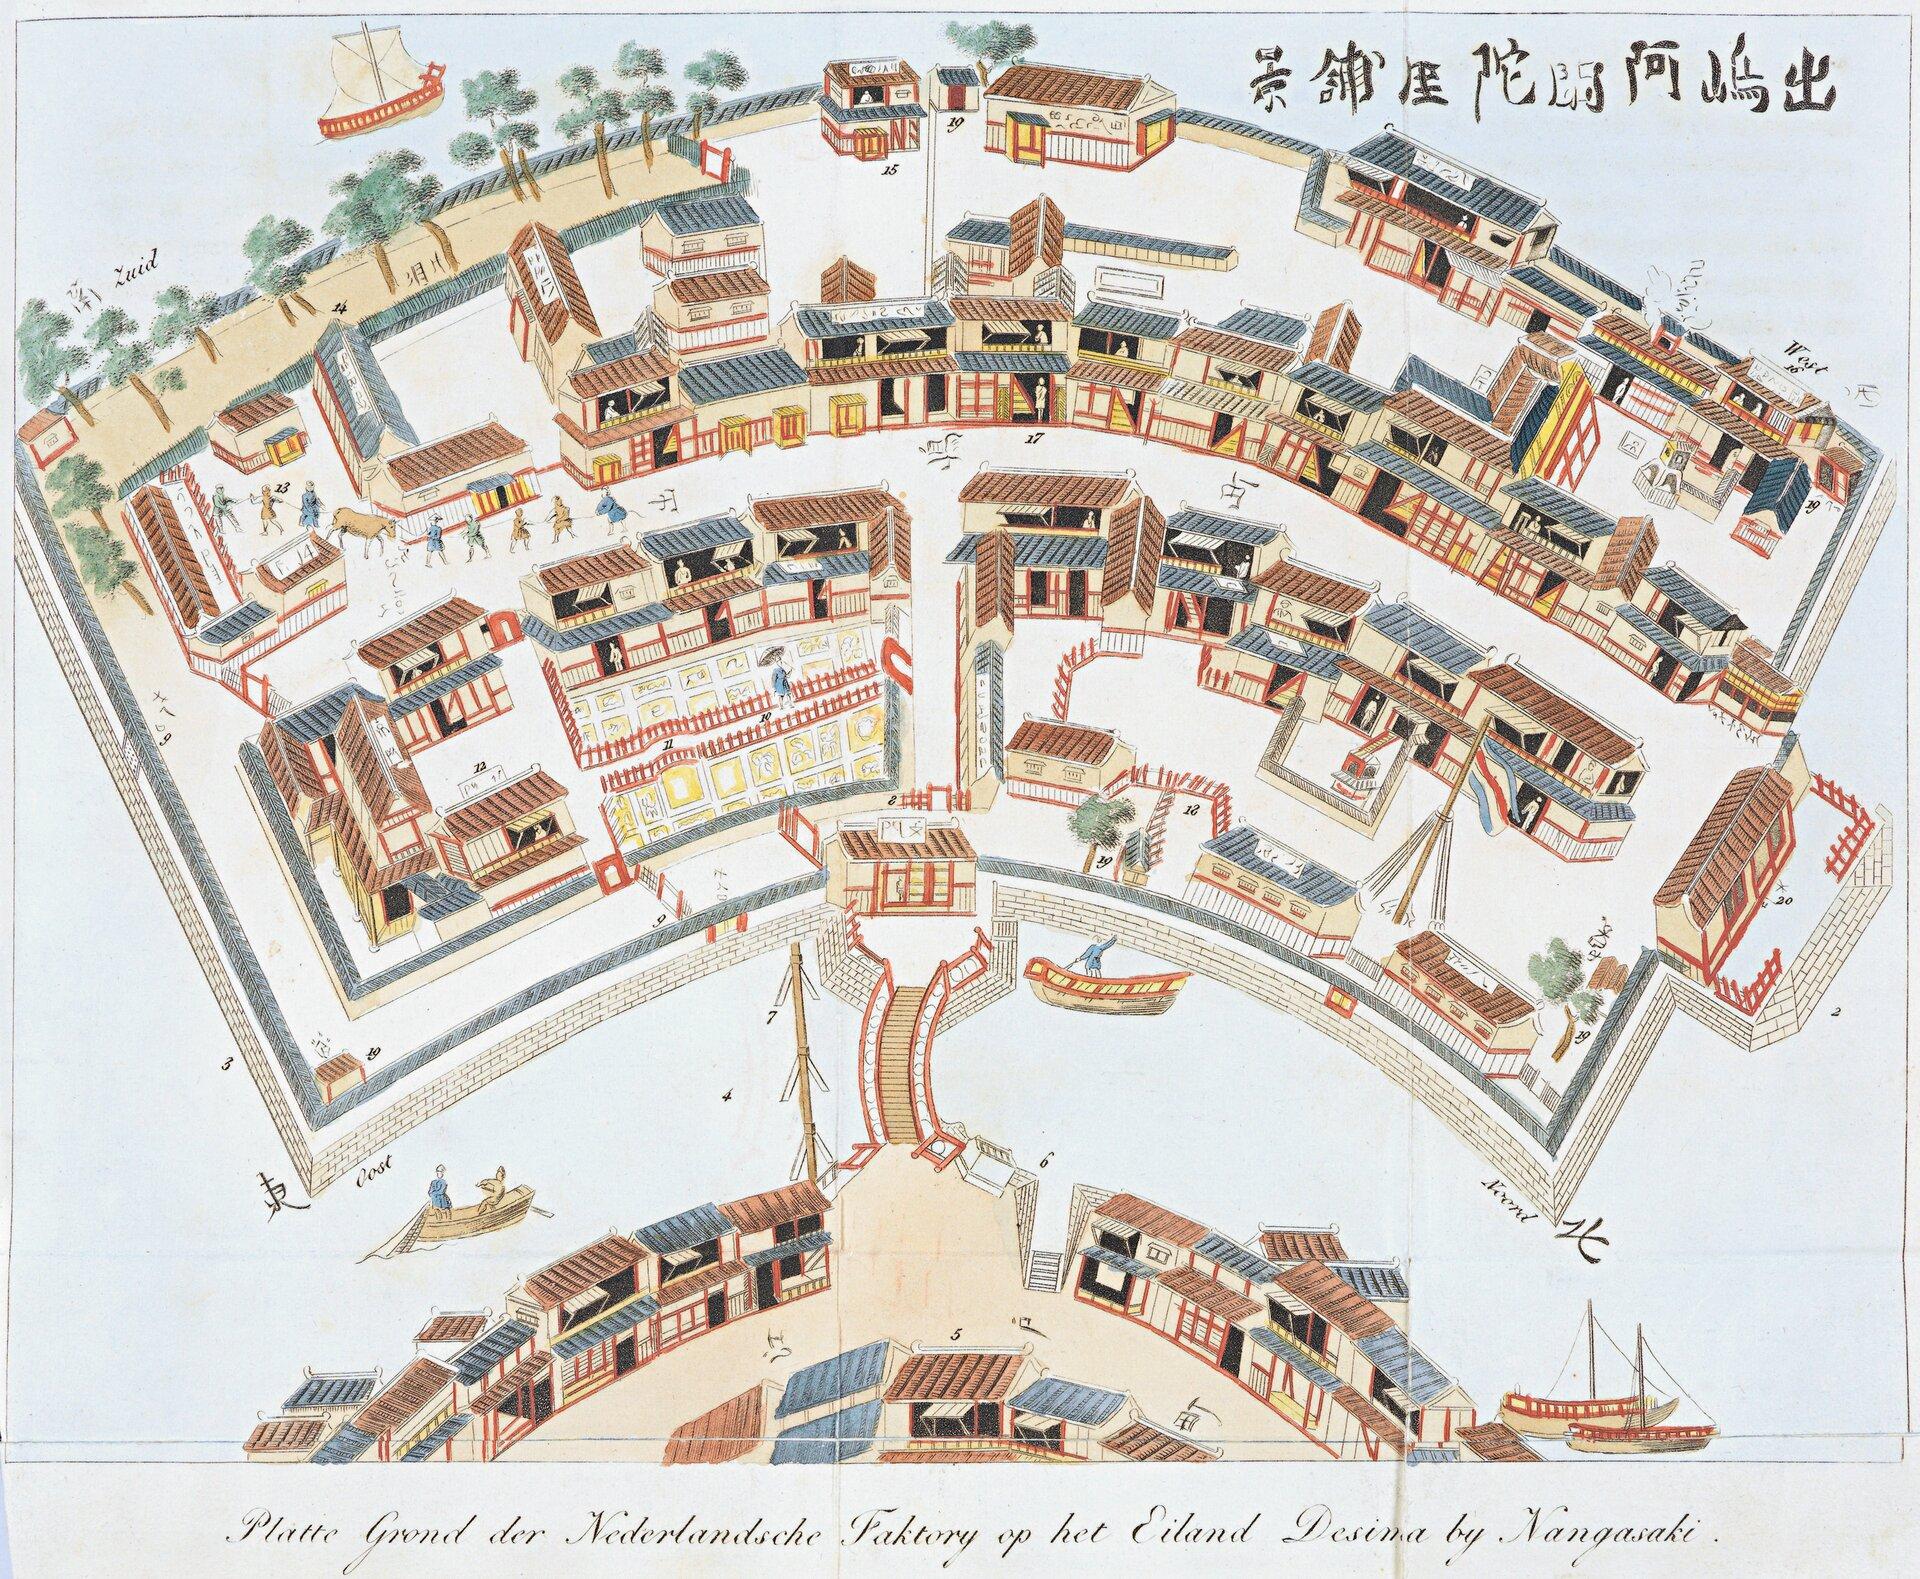 Deshima (Dejima) Sztuczna wyspa wzniesiona wporcie Nagasaki Źródło: Isaac Titsingh, Deshima (Dejima) Sztuczna wyspa wzniesiona wporcie Nagasaki, 1824-1825, Koninklijke Bibliotheek, Holandia, domena publiczna.